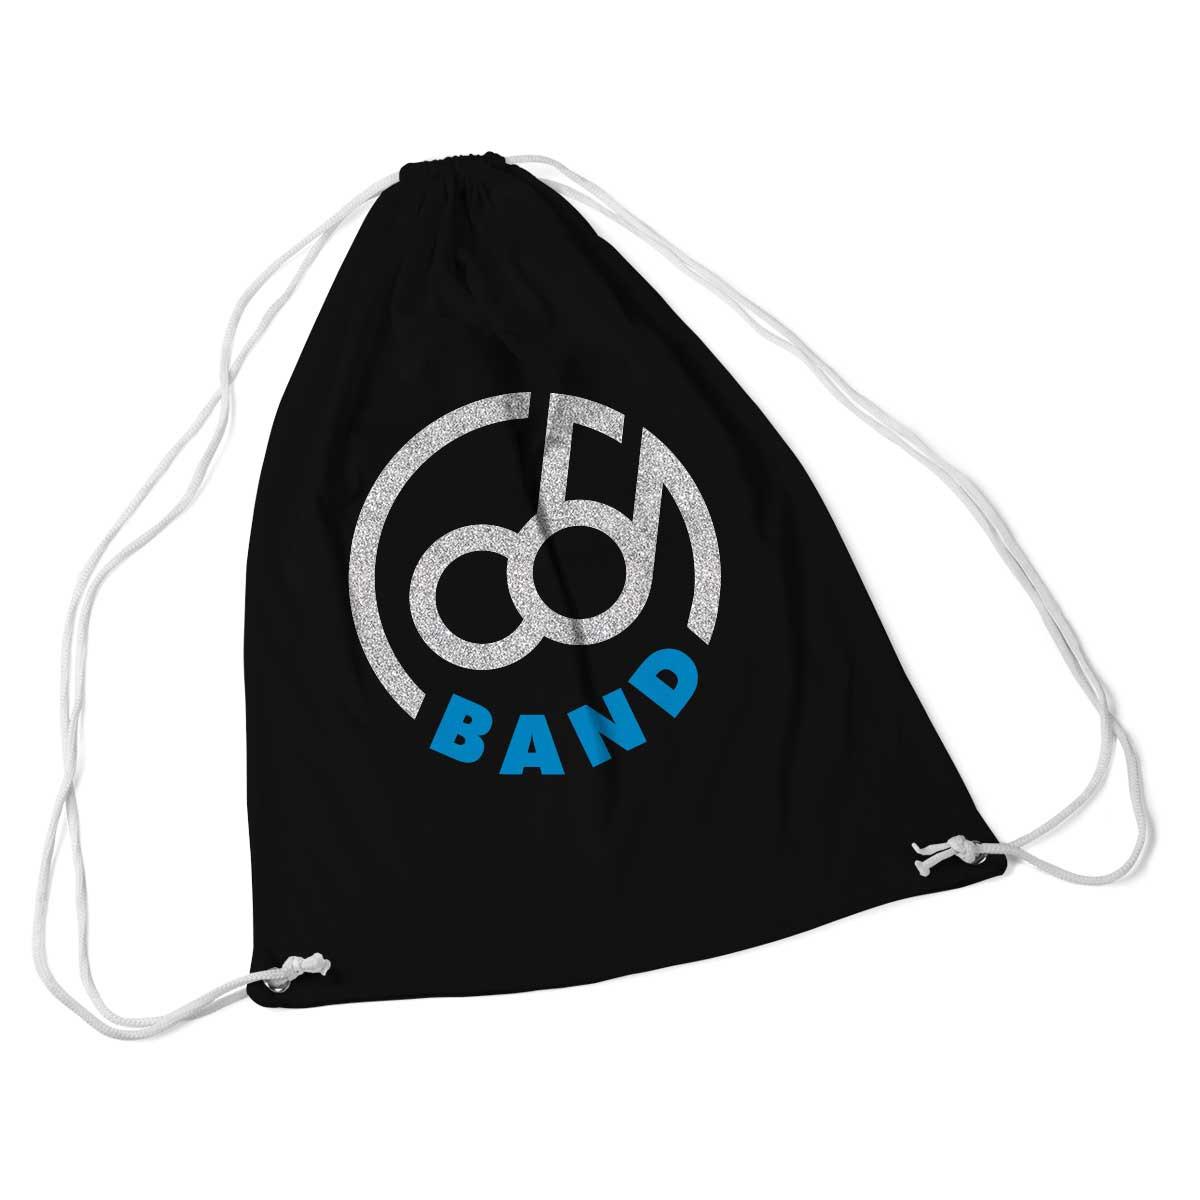 Band Drawstring Bag